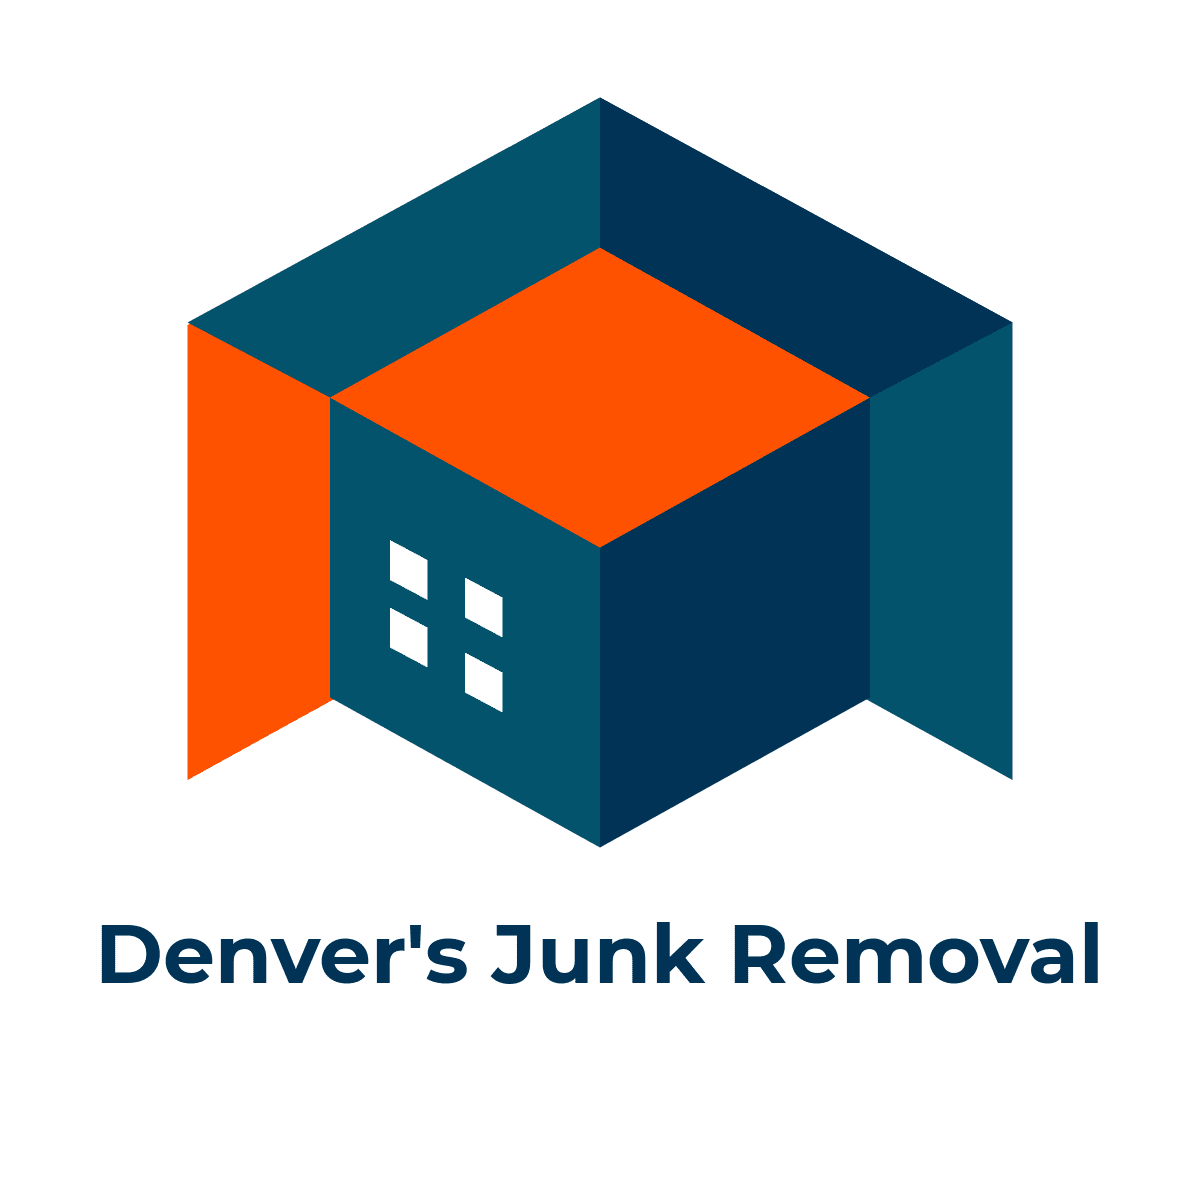 Denver's Junk Removal